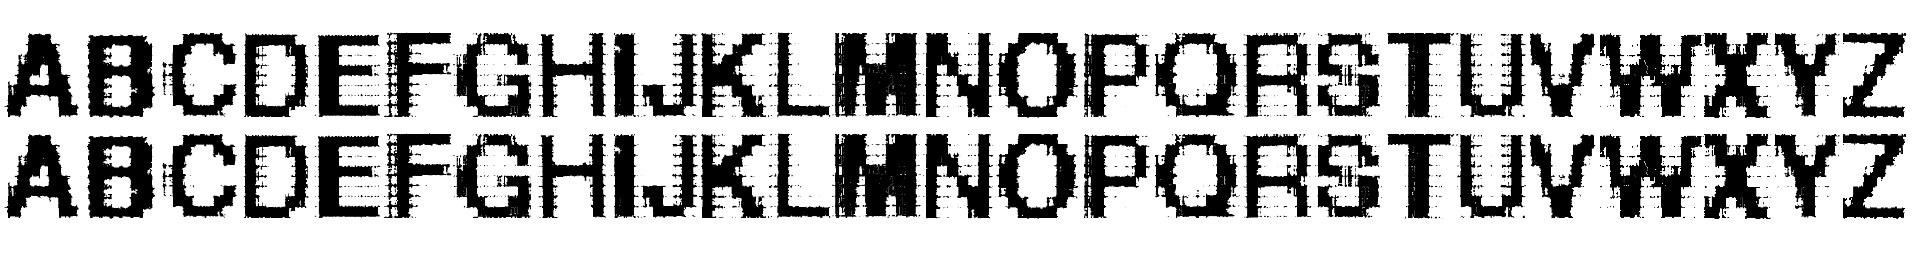 Helvetica-grosse-bit